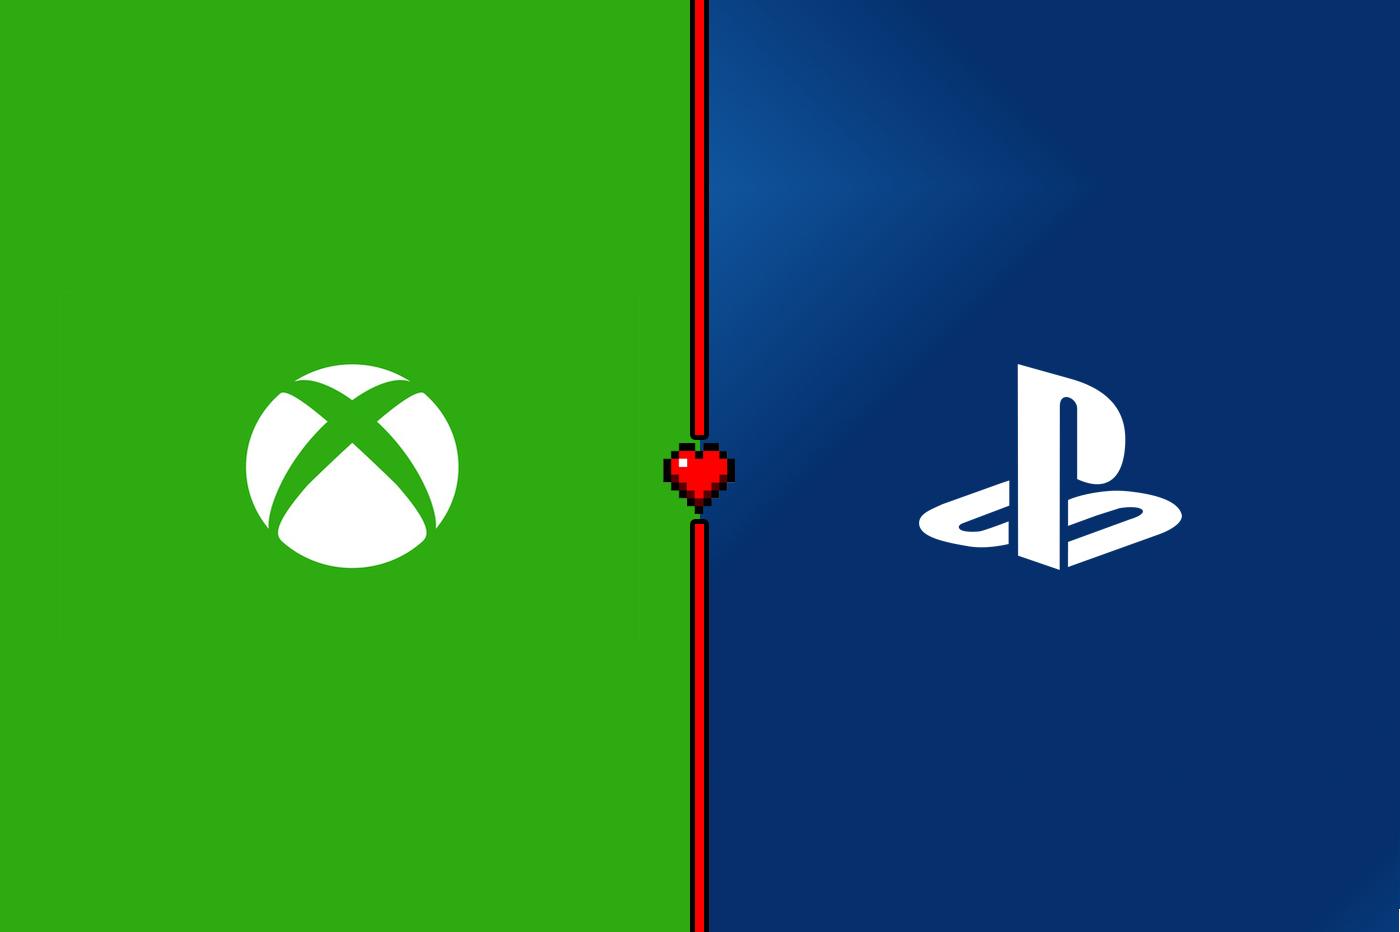 Pourquoi Microsoft (Xbox) et Sony (PlayStation) signent un partenariat inédit